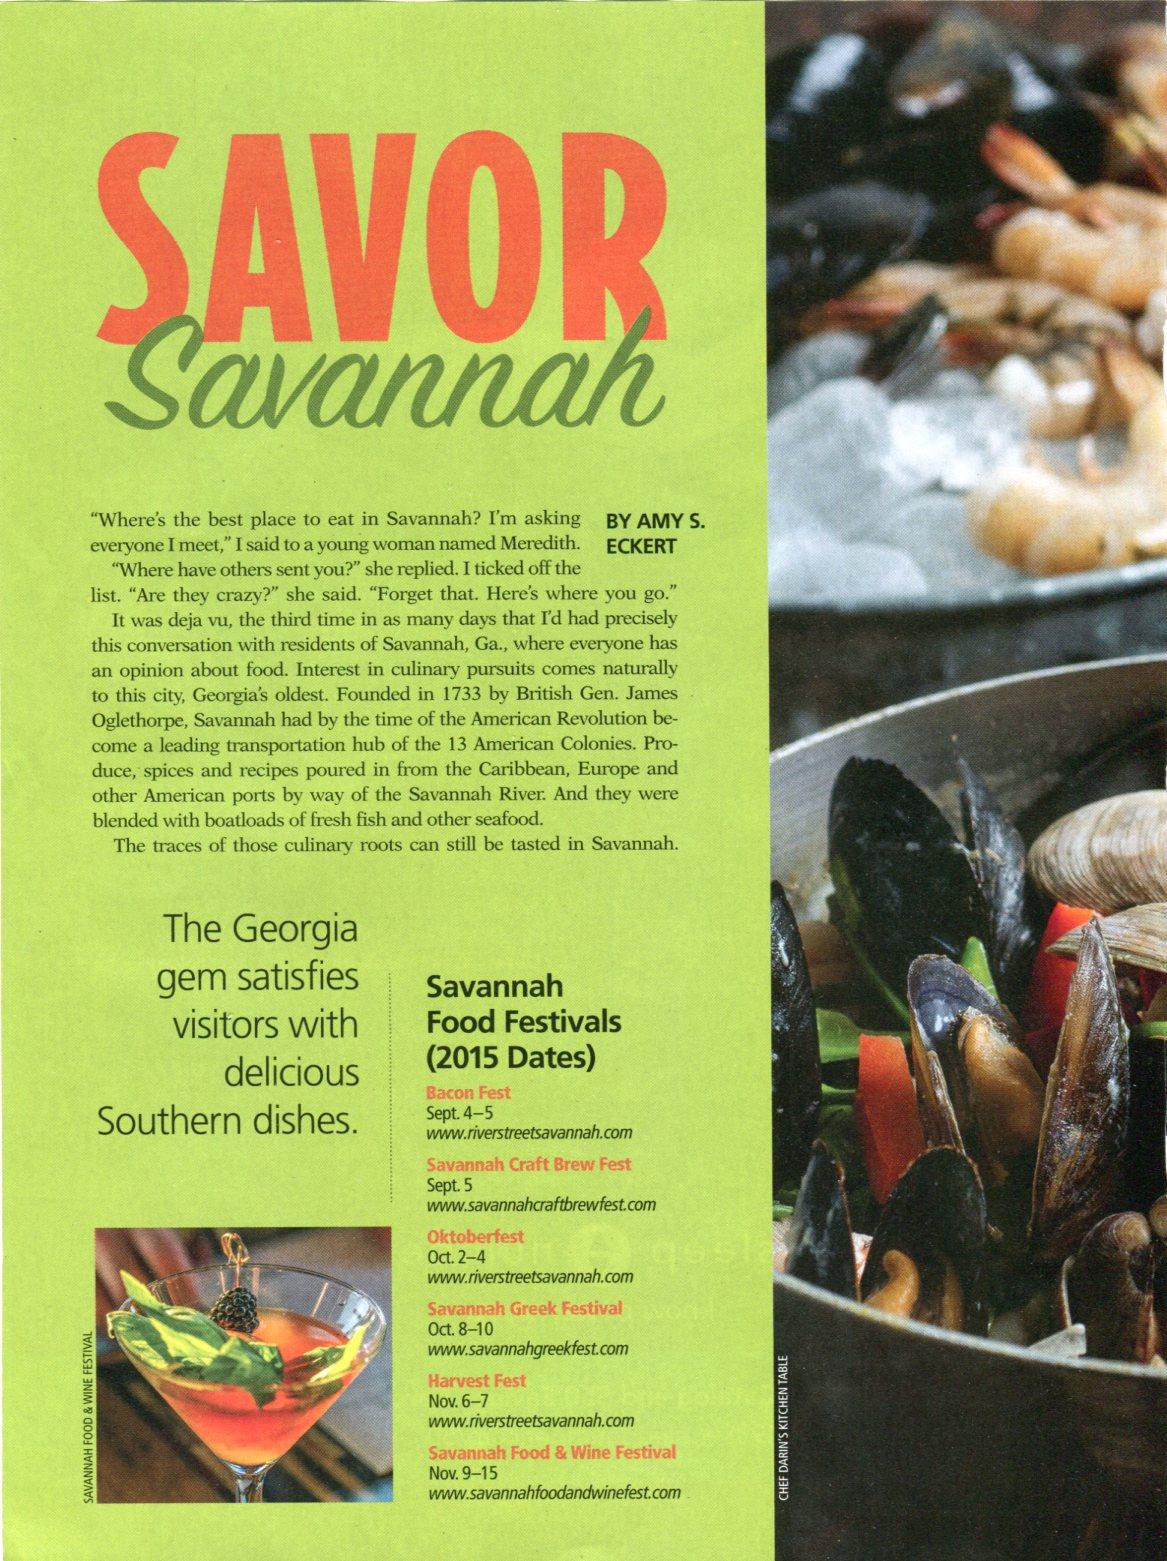 Savor Savannah001